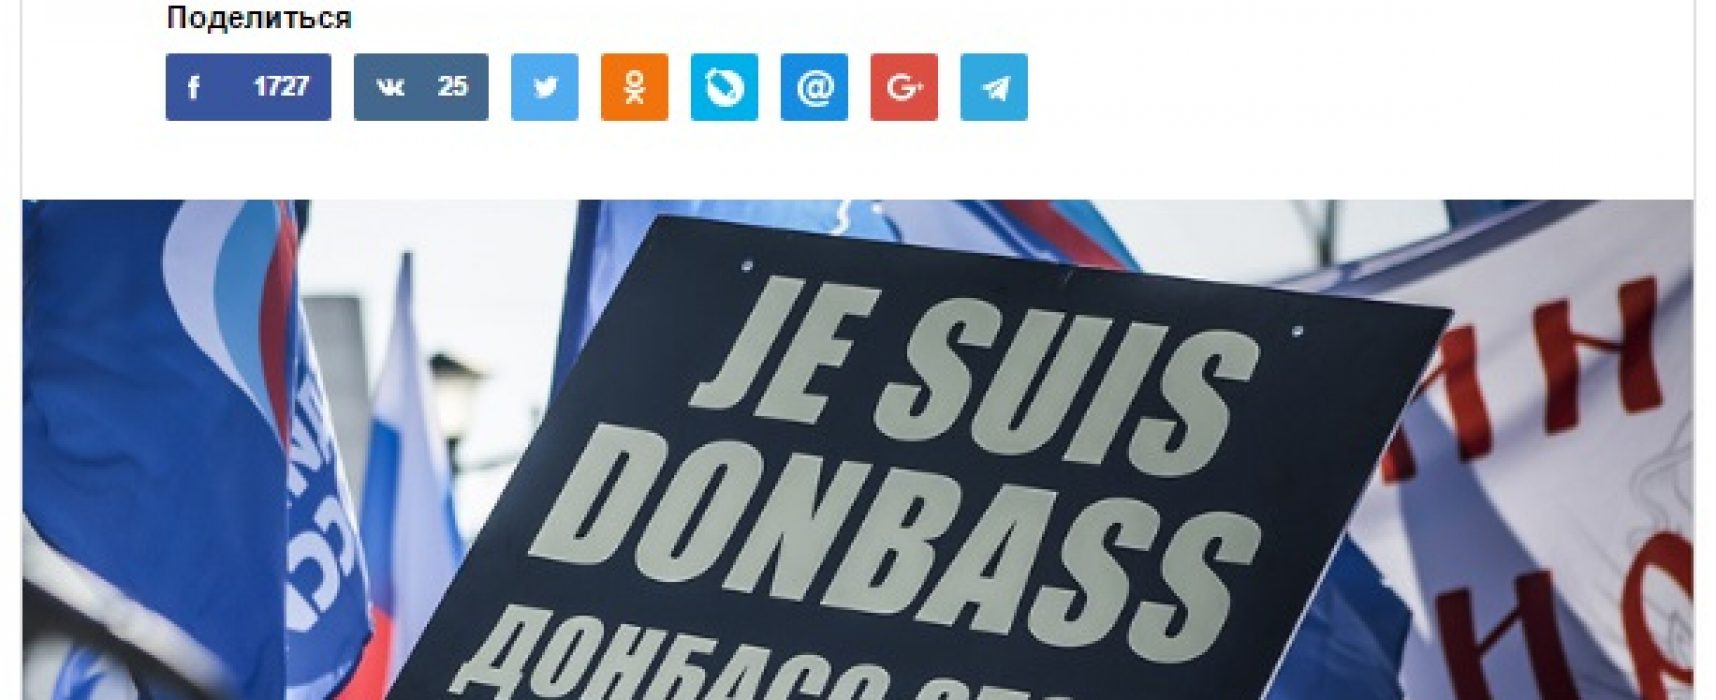 Фейк: Европейците излезли на митинги в подкрепа на Донбас